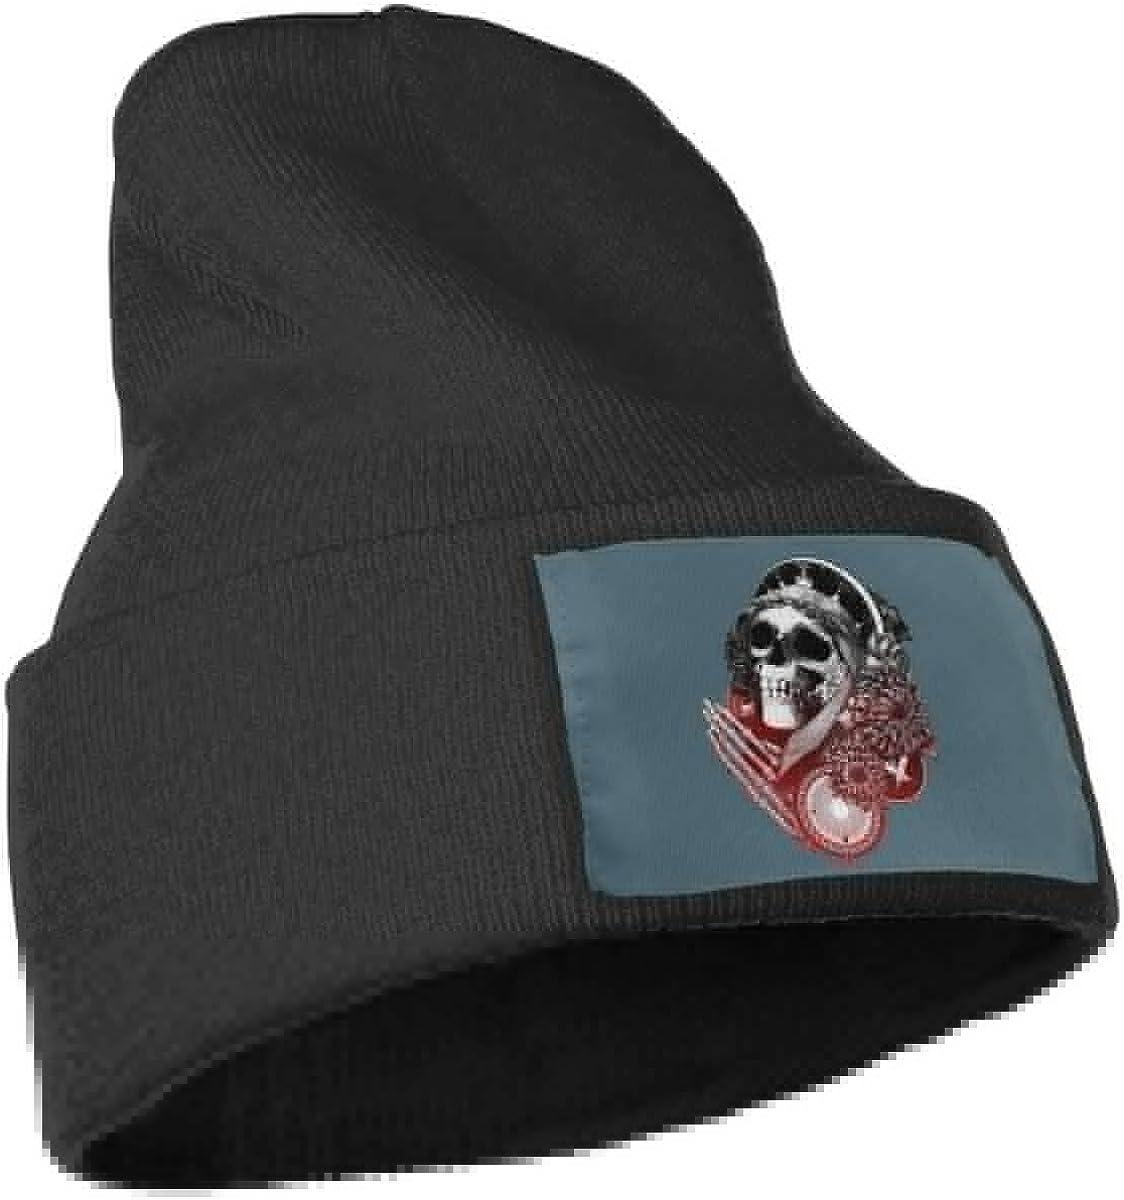 Diablo Skull Slouchy Beanie Hats for Women Men Warm /& Stylish Skull Cap